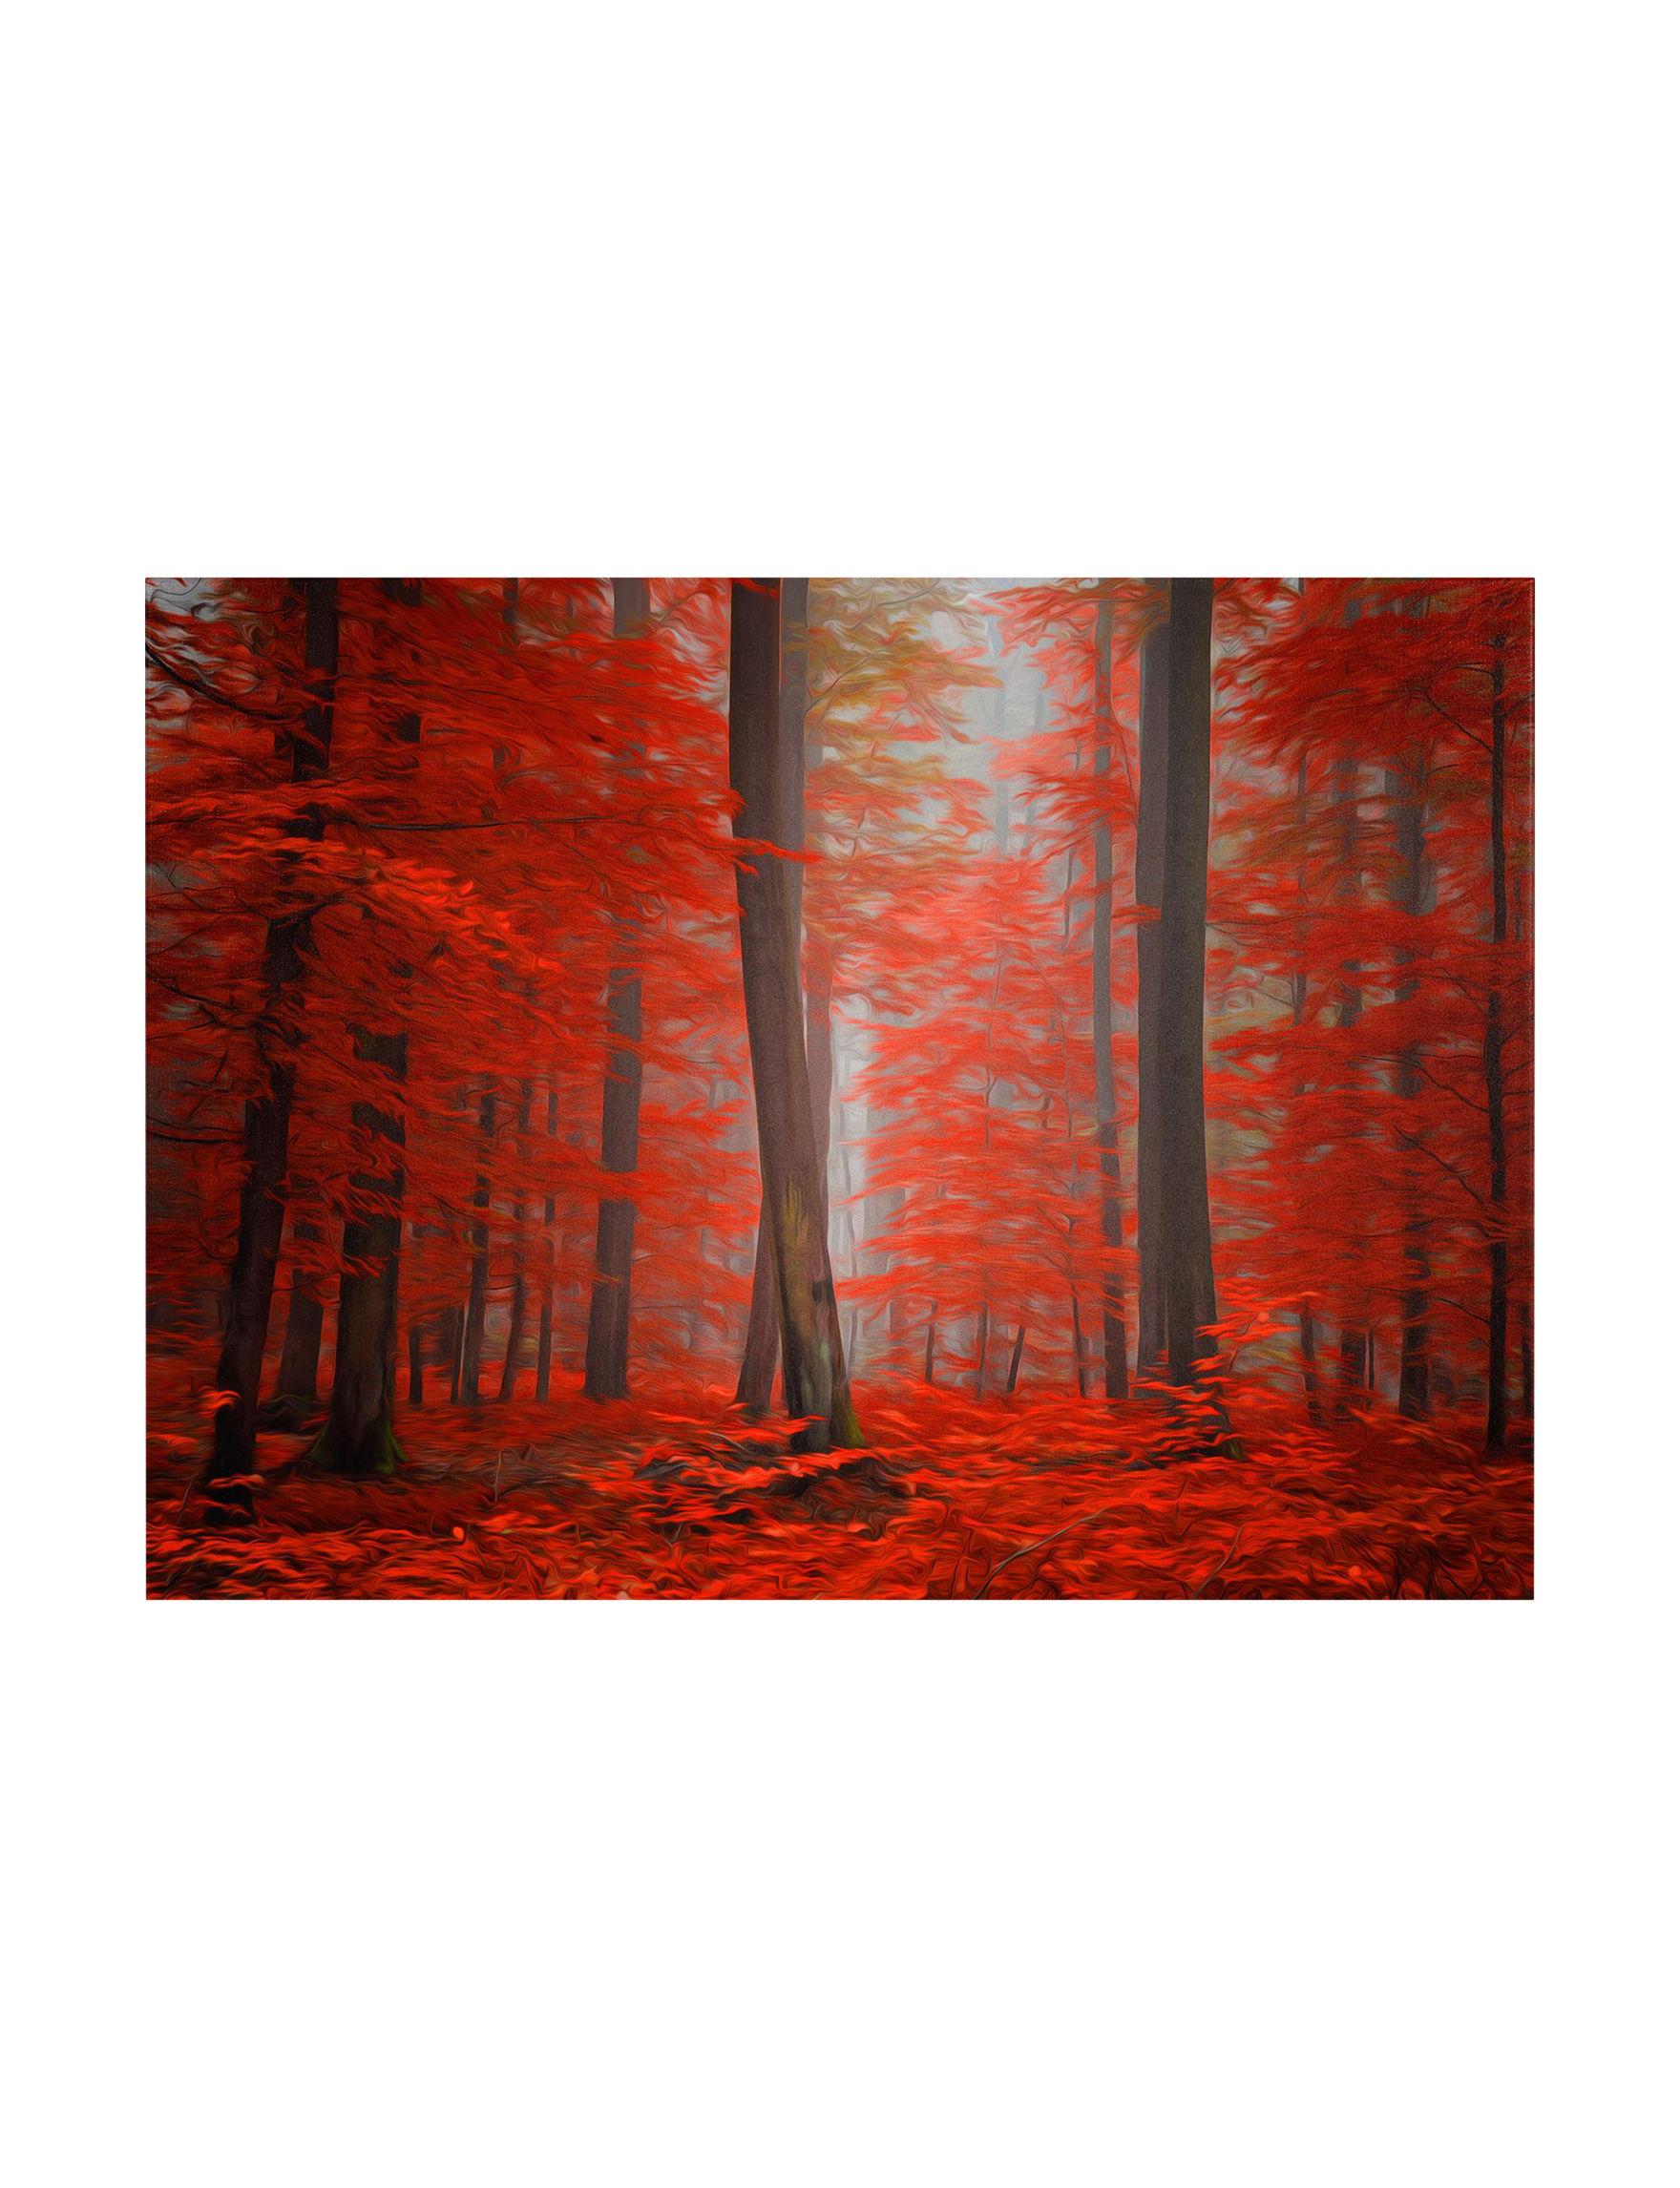 Trademark Fine Art Red Wall Art Wall Decor